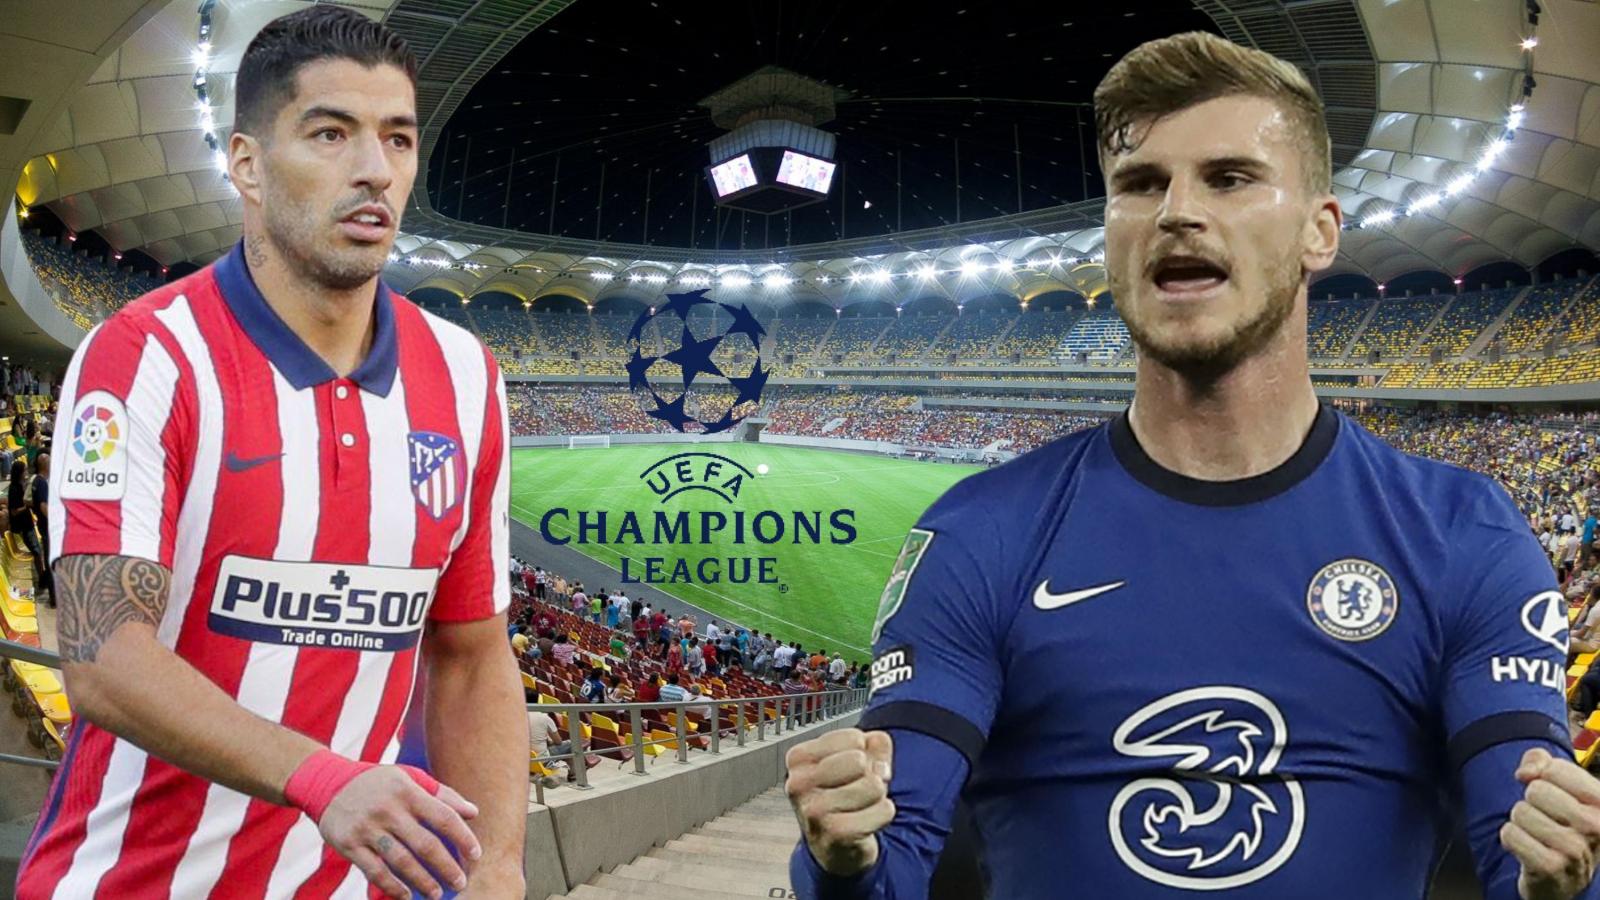 Dự đoán kết quả, đội hình xuất phát trận Atletico Madrid - Chelsea